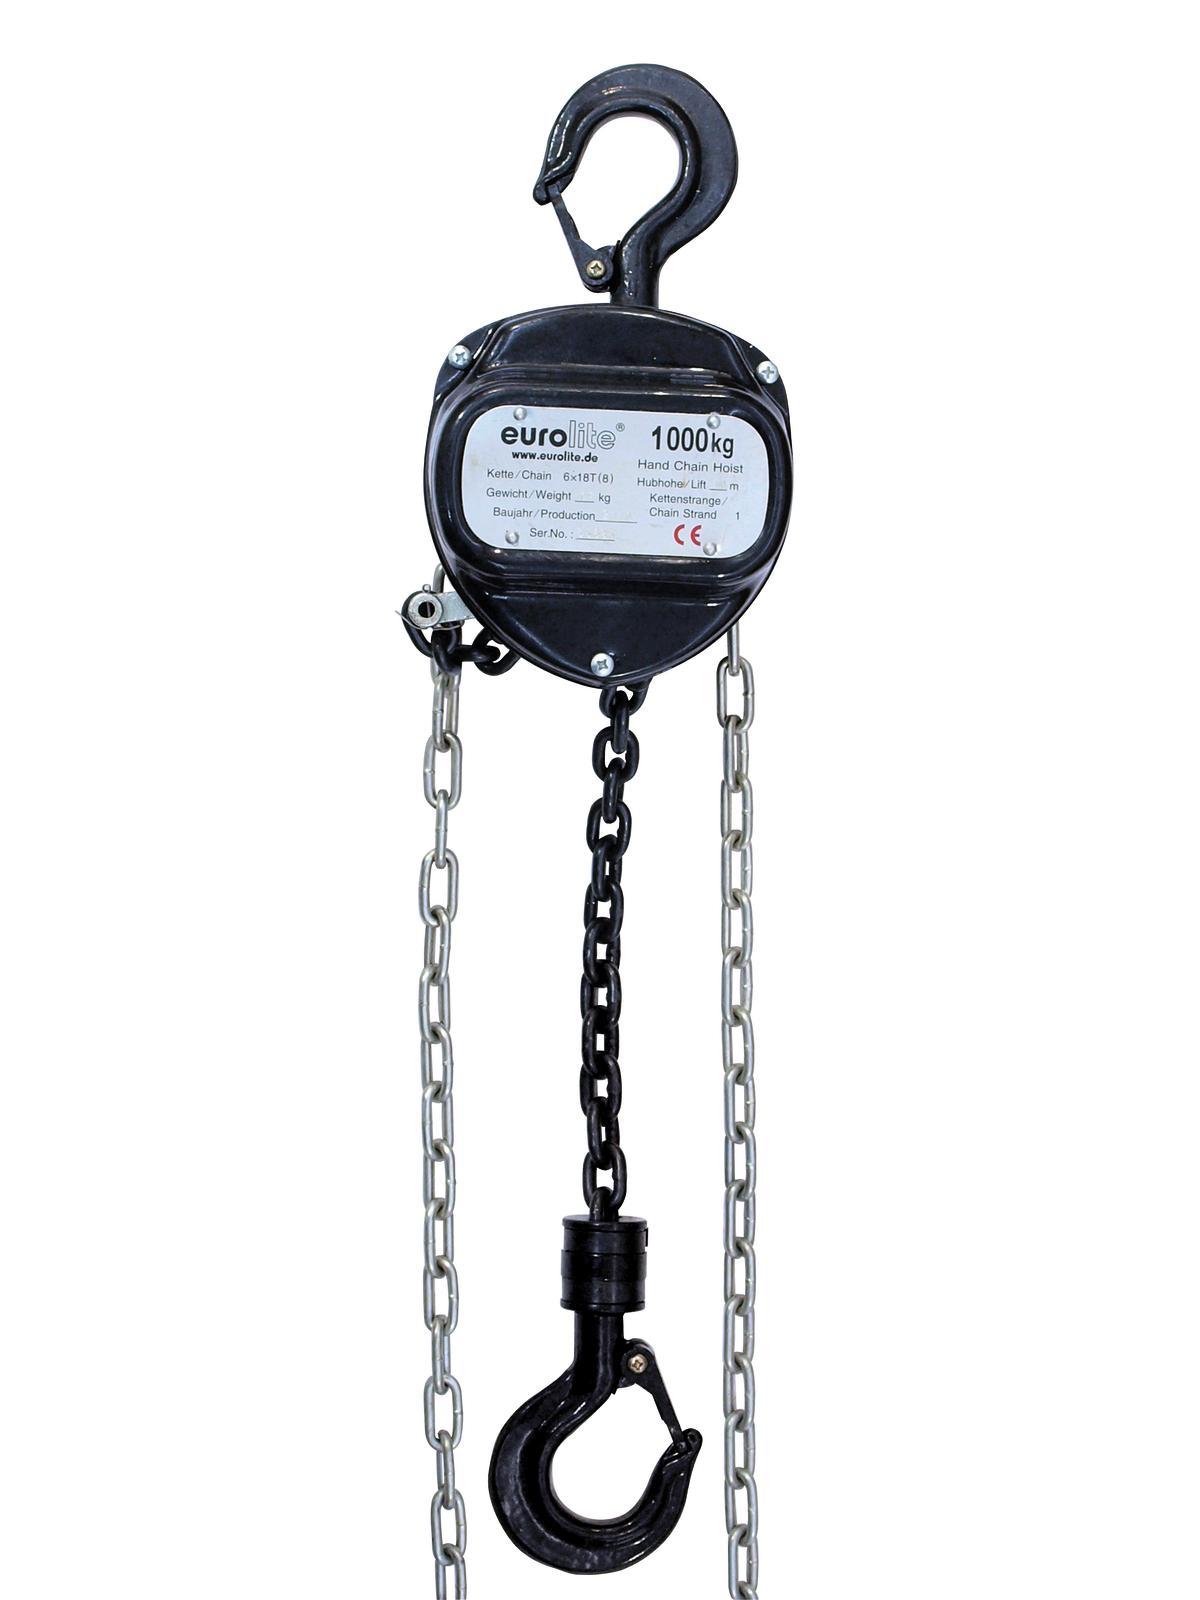 Eurolite řetězový zdvihák 10m/1000kg, černý